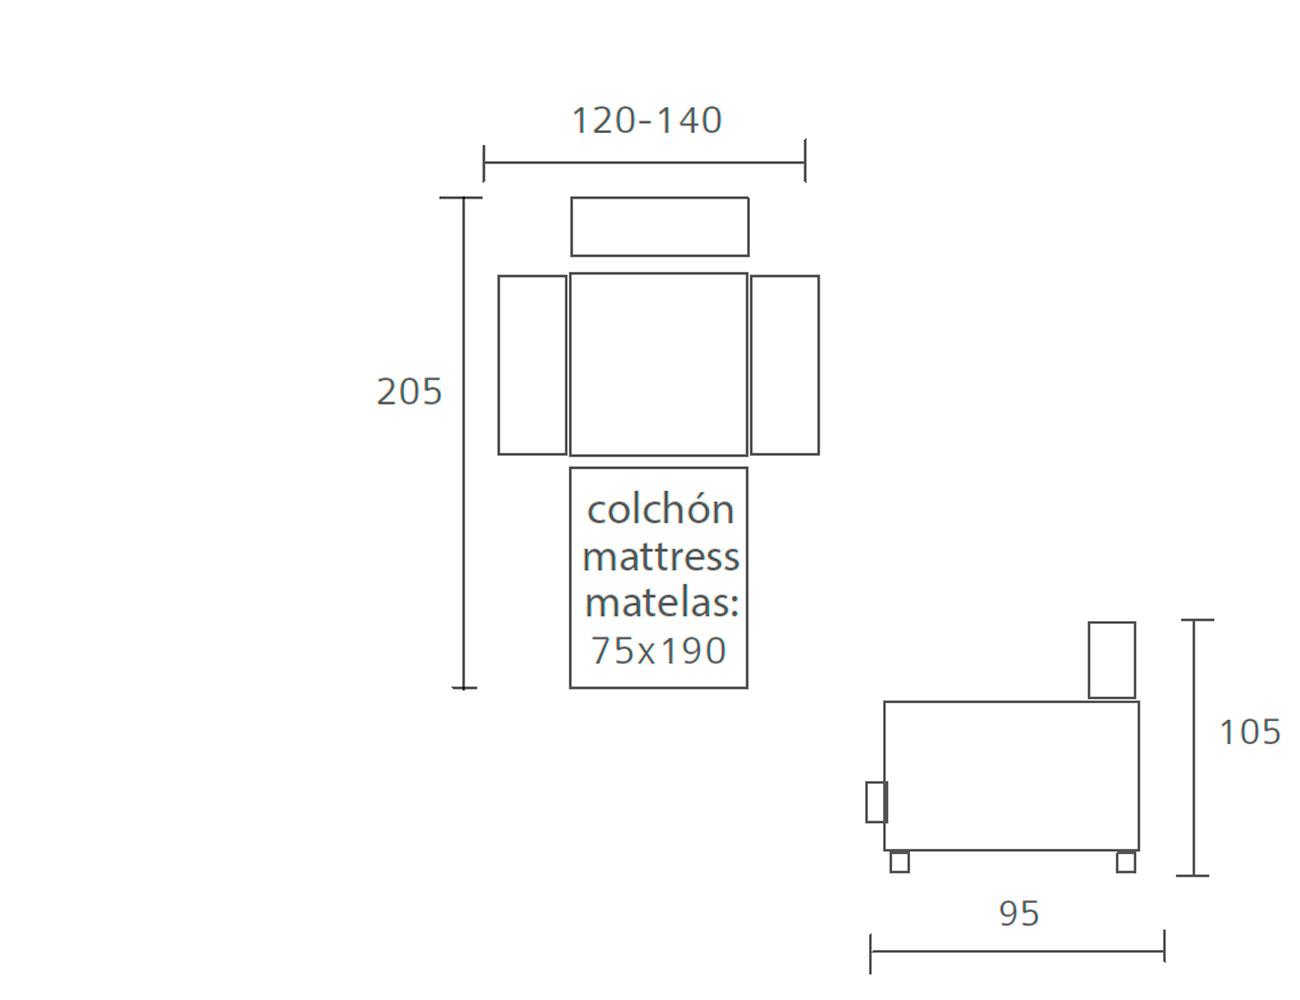 Sofa cama pedro ortiz 120 1401